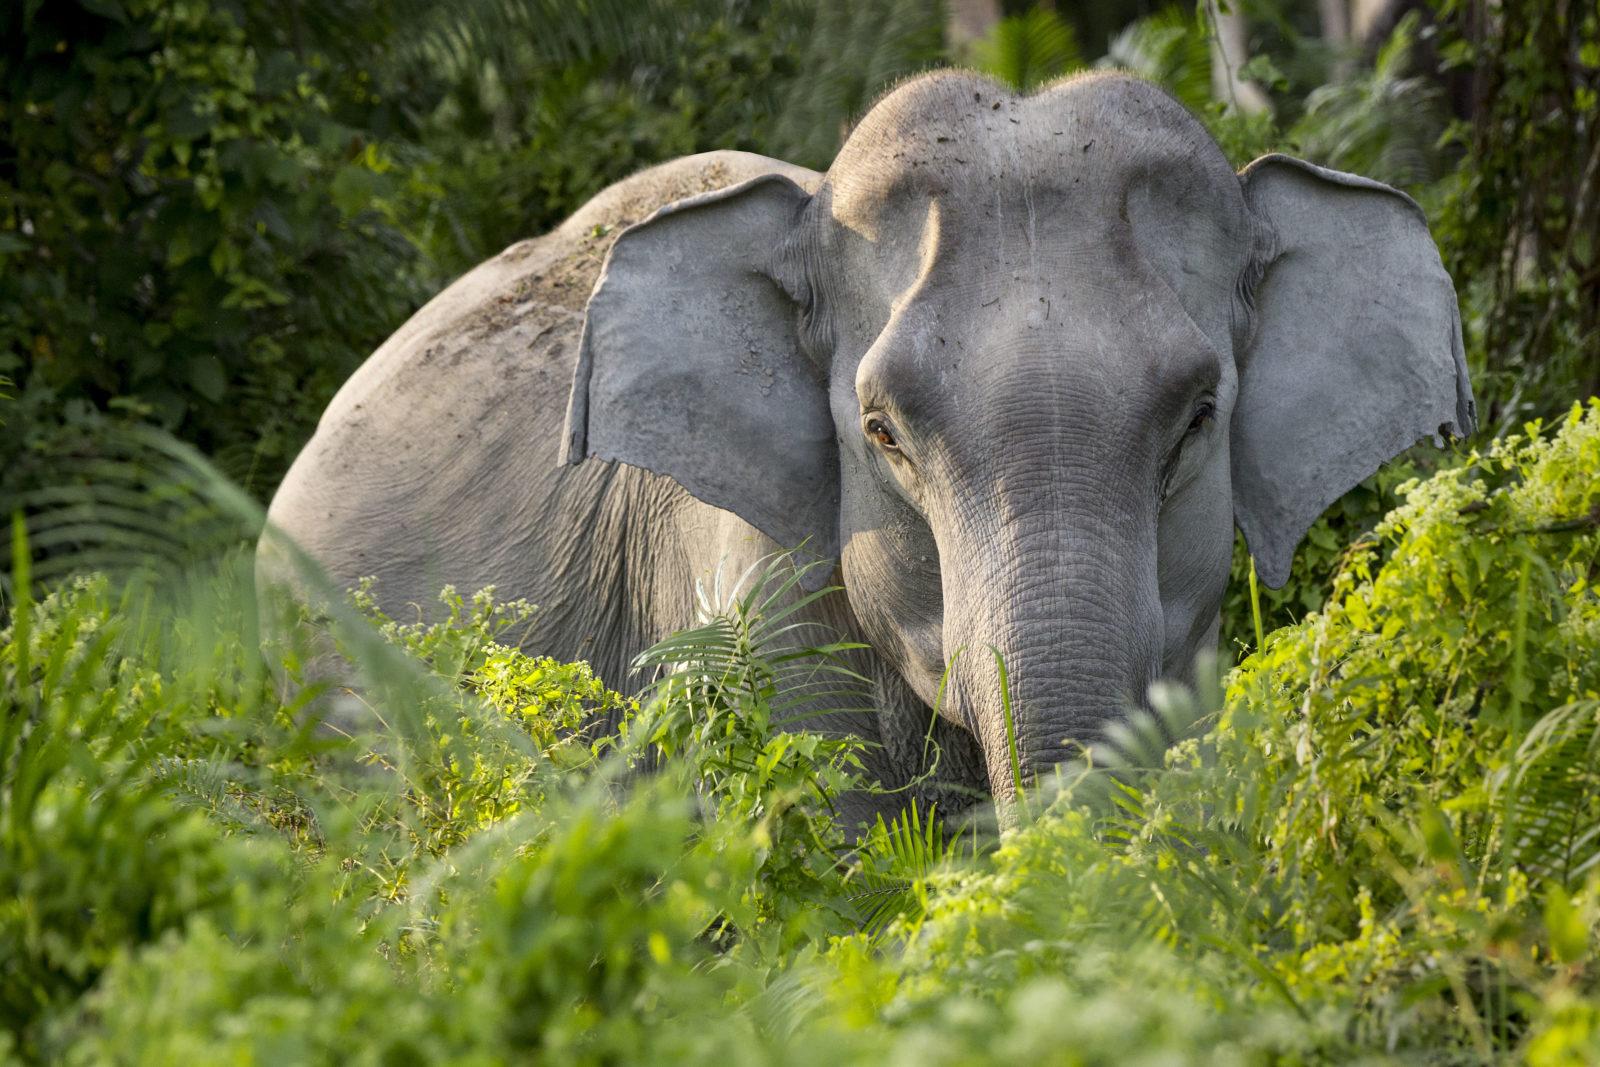 En asiatisk elefant som kikker frem mellom noen busker